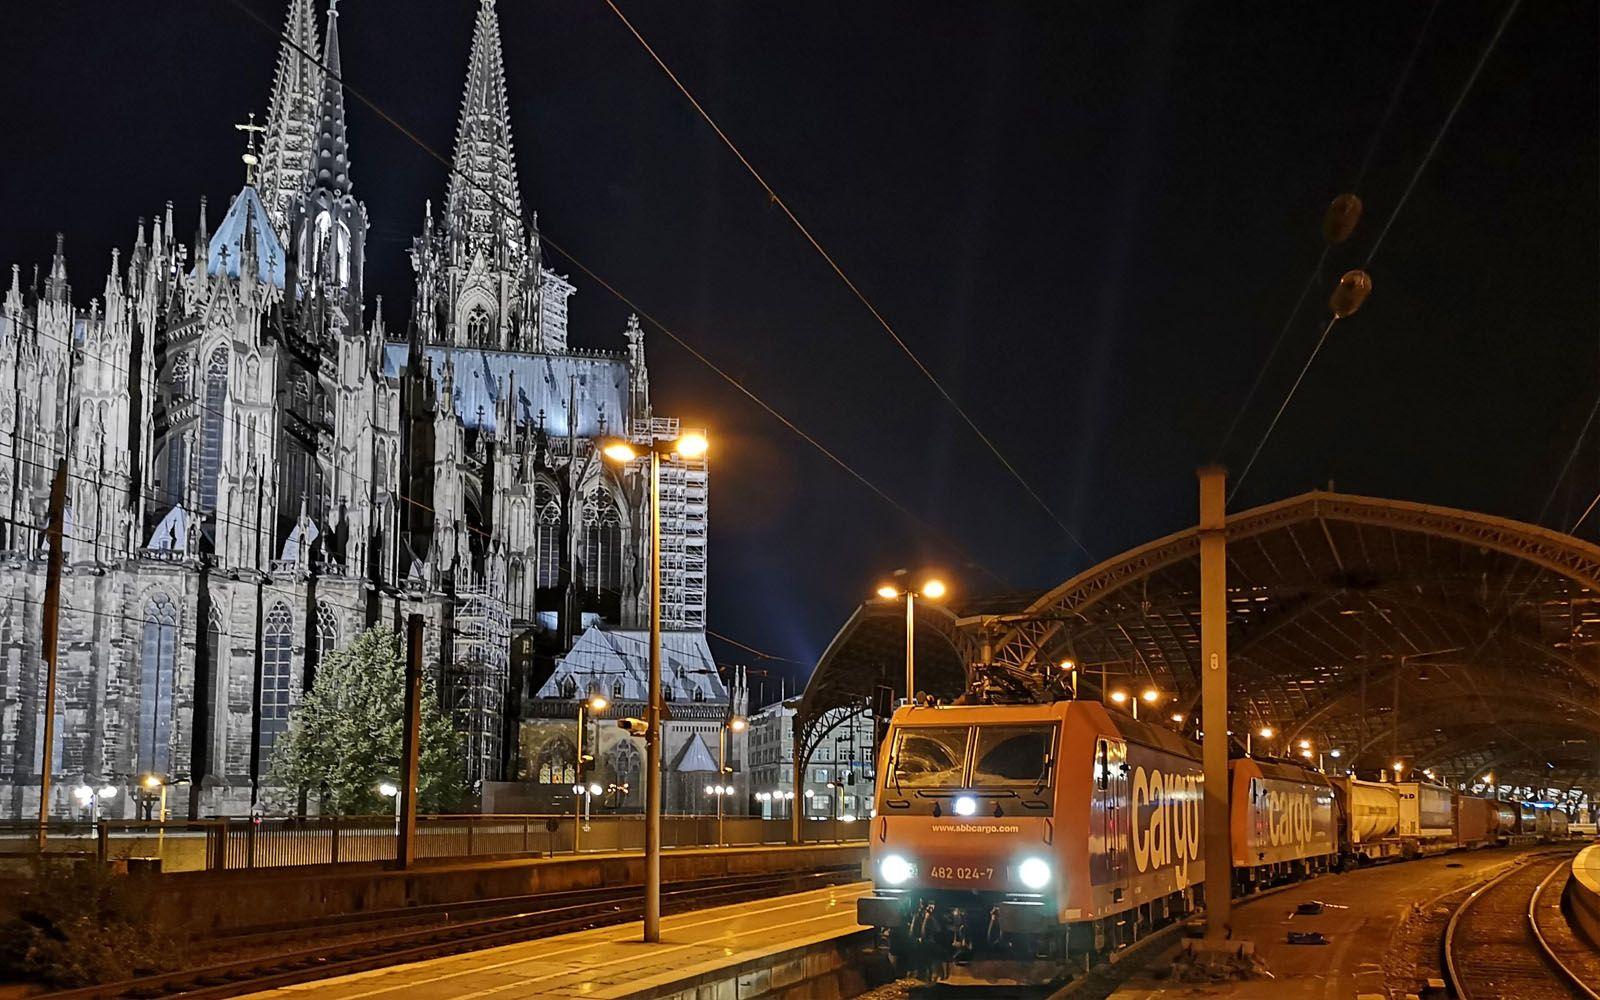 ©FOTO: RAILMEN-LOKFÜHRER ANDRÉ ROSENDAHLGüterzüge im Kölner Hauptbahnhof sind zwar Nachts öfters zu sehen, für mich jedoch war es das erste Mal und so habe ich den Halt zum Feierabend genutzt, um ein Foto des Zuges der SBB Cargo zu Füßen des Kölner Doms aufzunehmen.